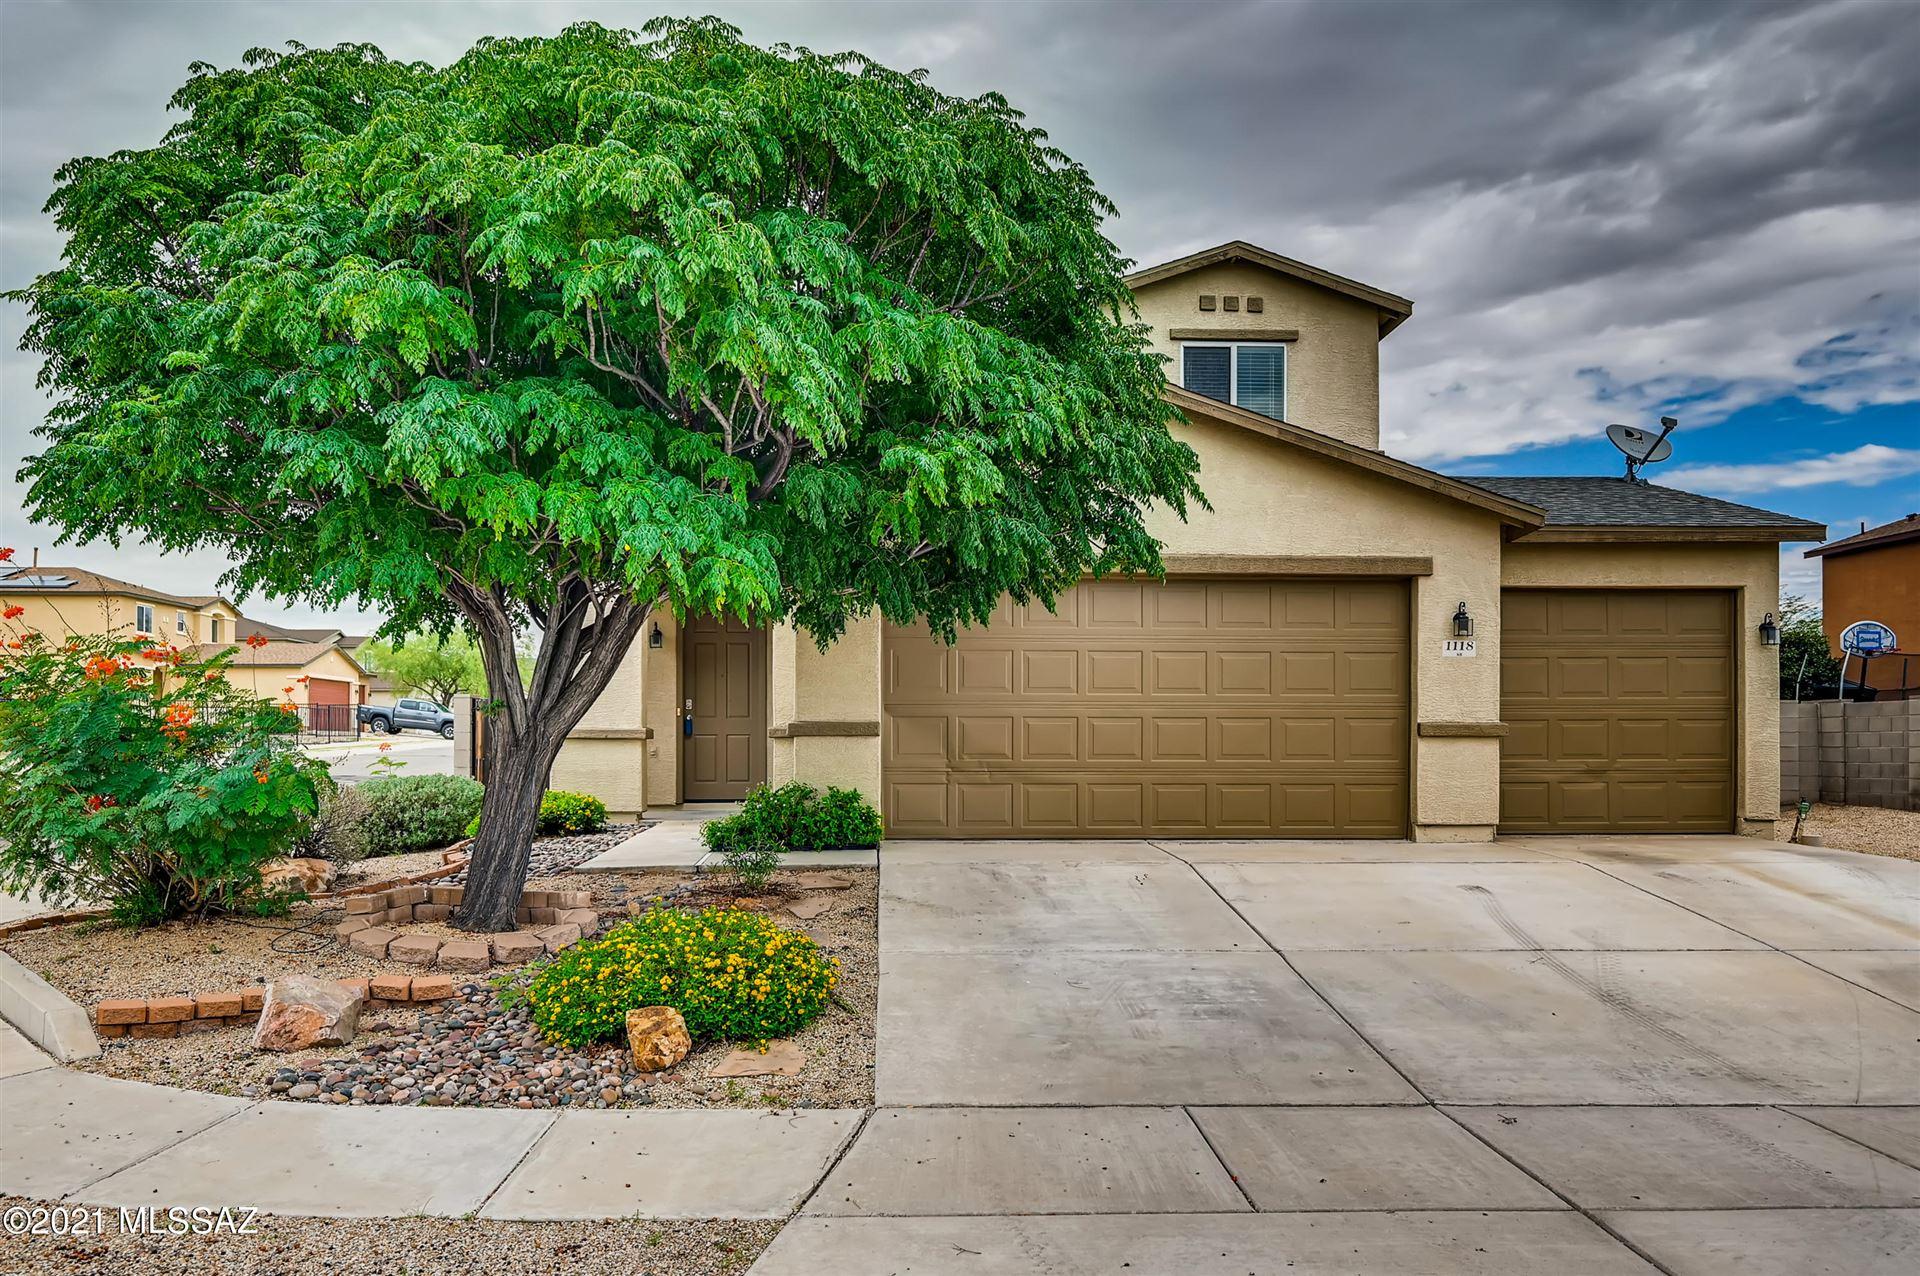 1118 W Camino Fijo, Sahuarita, AZ 85629 - MLS#: 22119277